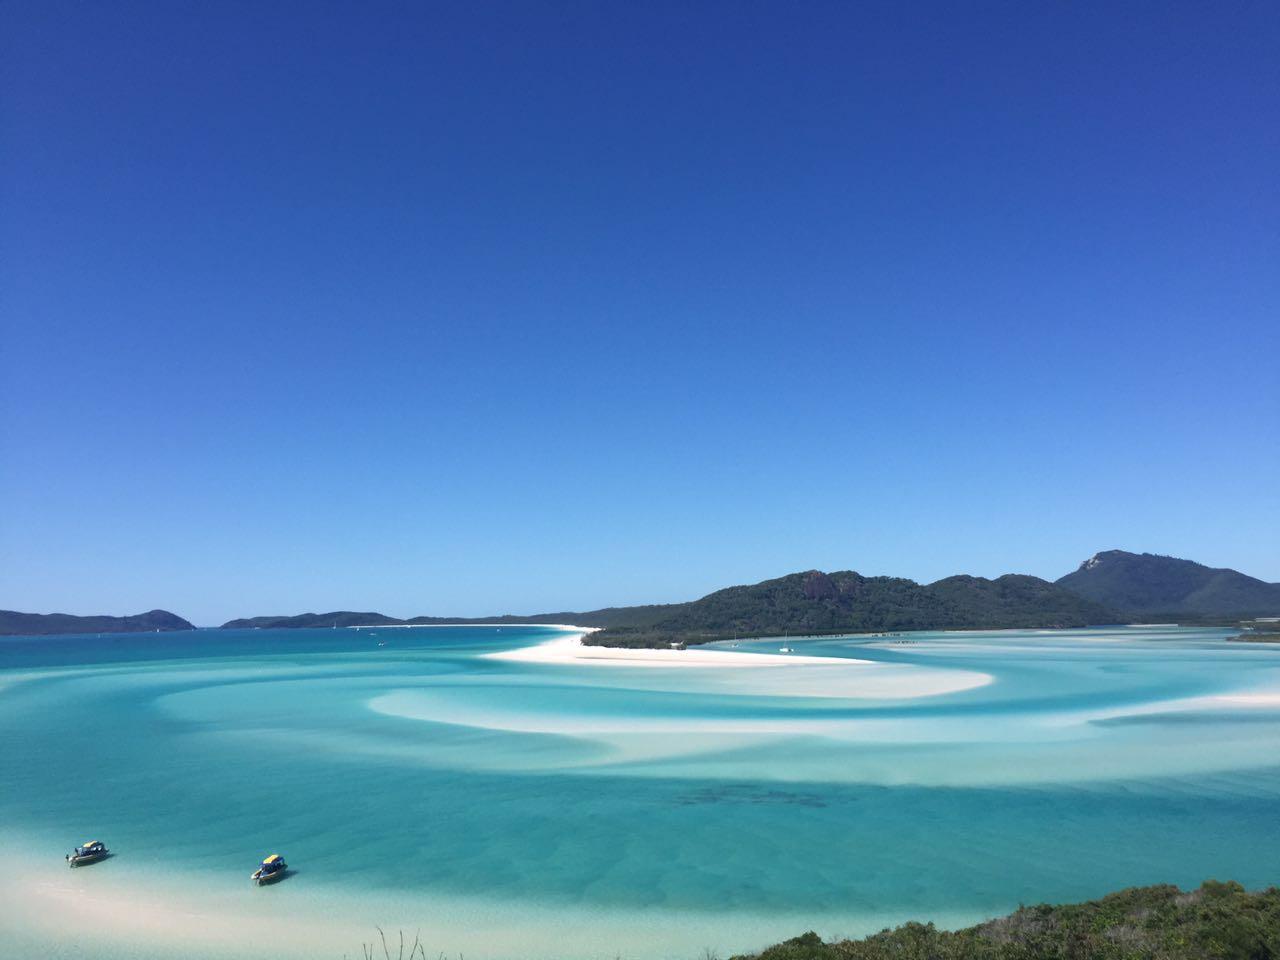 Avustralya'nın En Güzel Plajı: Whitehaven Beach - Keyifli